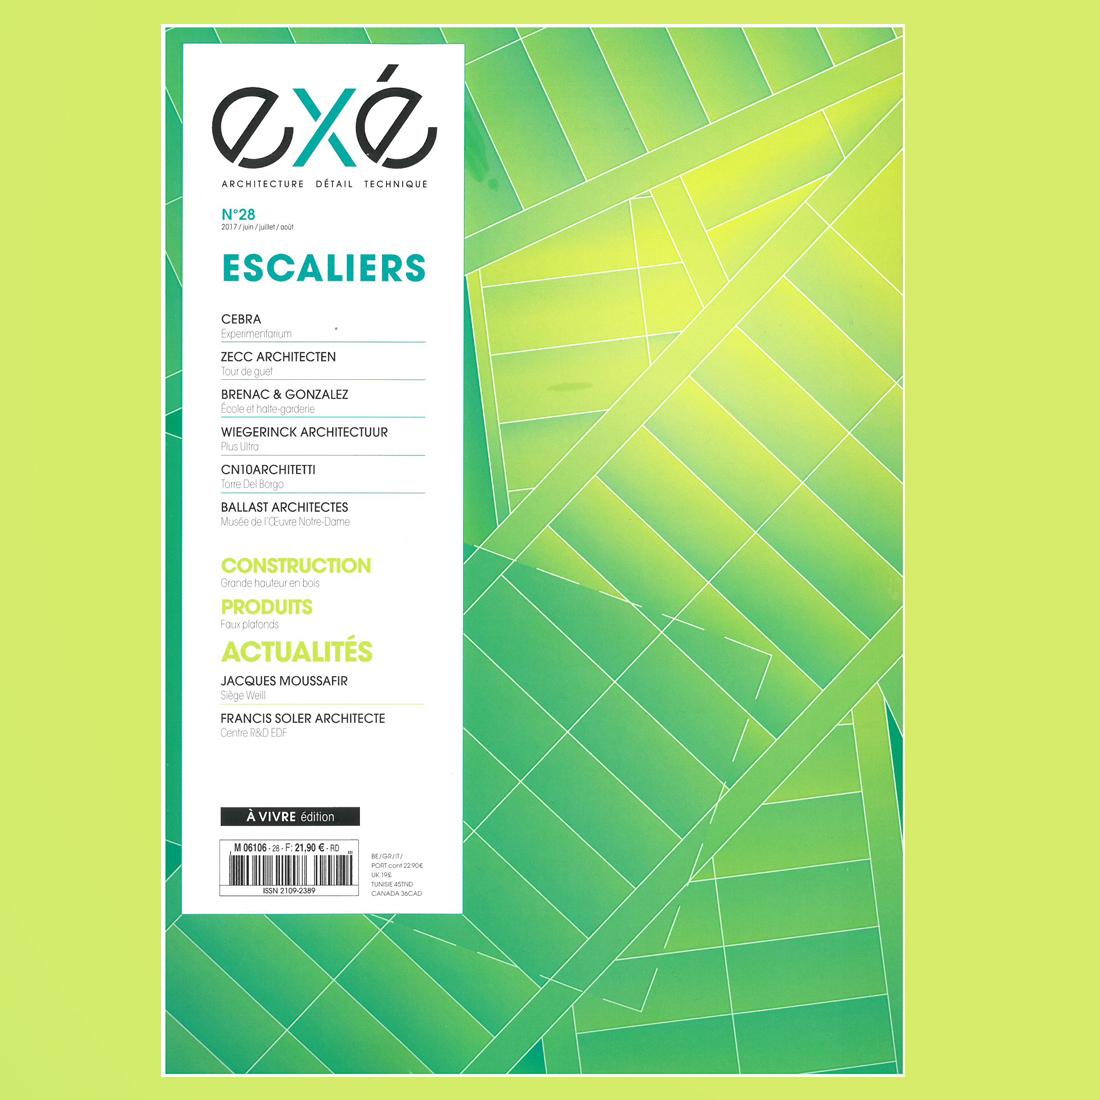 eXé N°28 – ESCALIERS | Brenac & Gonzalez et Associés